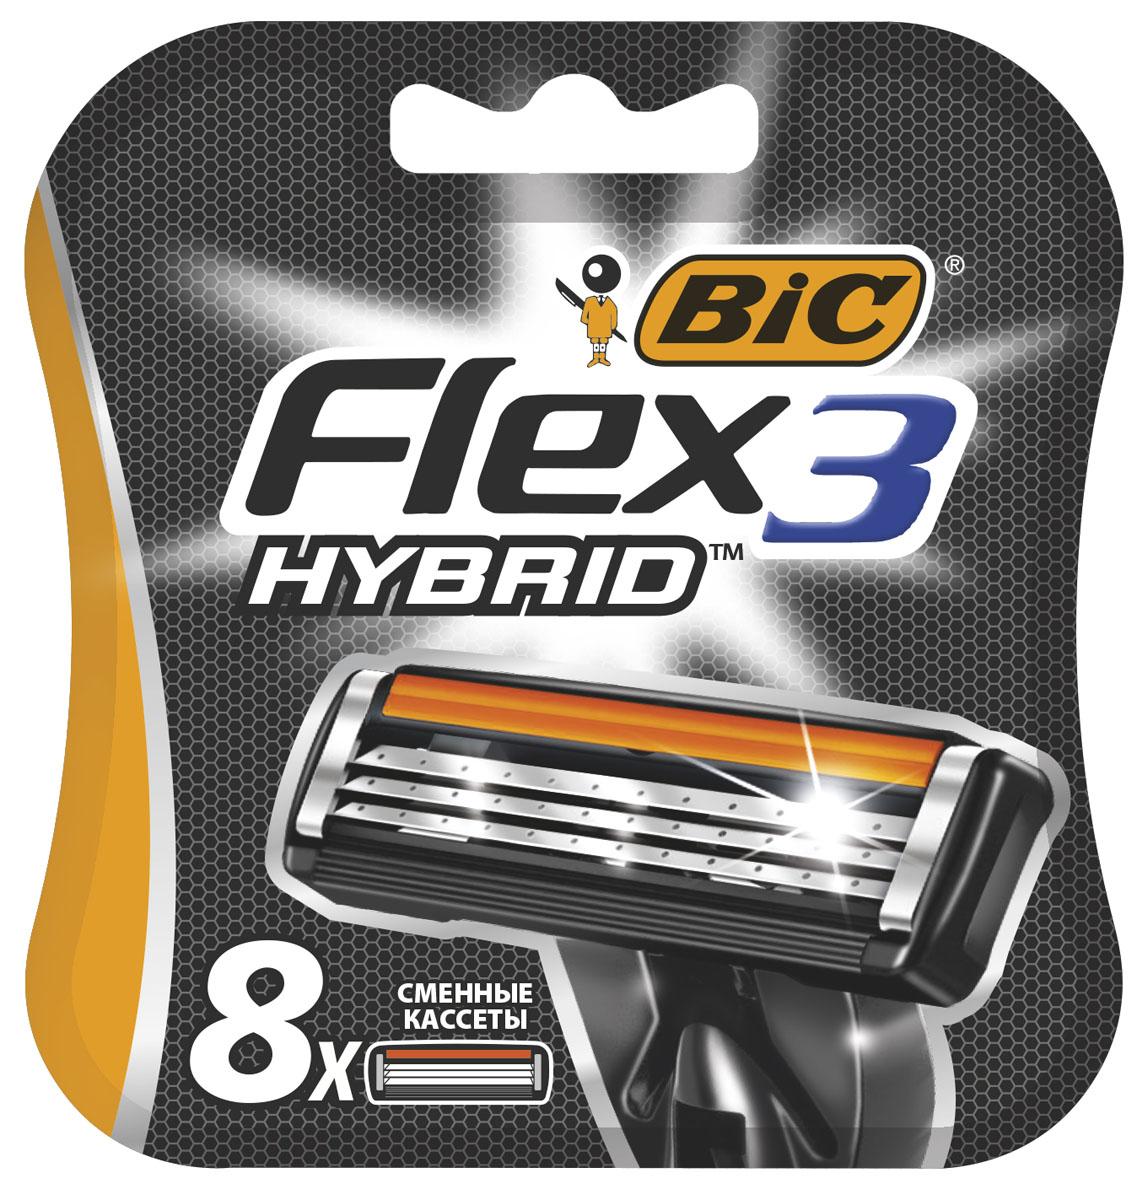 Bic Flex 3 Hybrid Сменные кассеты для бритья, 8 штMe Chic 120KТри высококачественных лезвия, плавающих независимо друг от друга. Хромо-полимерное покрытие лезвий. Более широкий резиновый предохранитель.